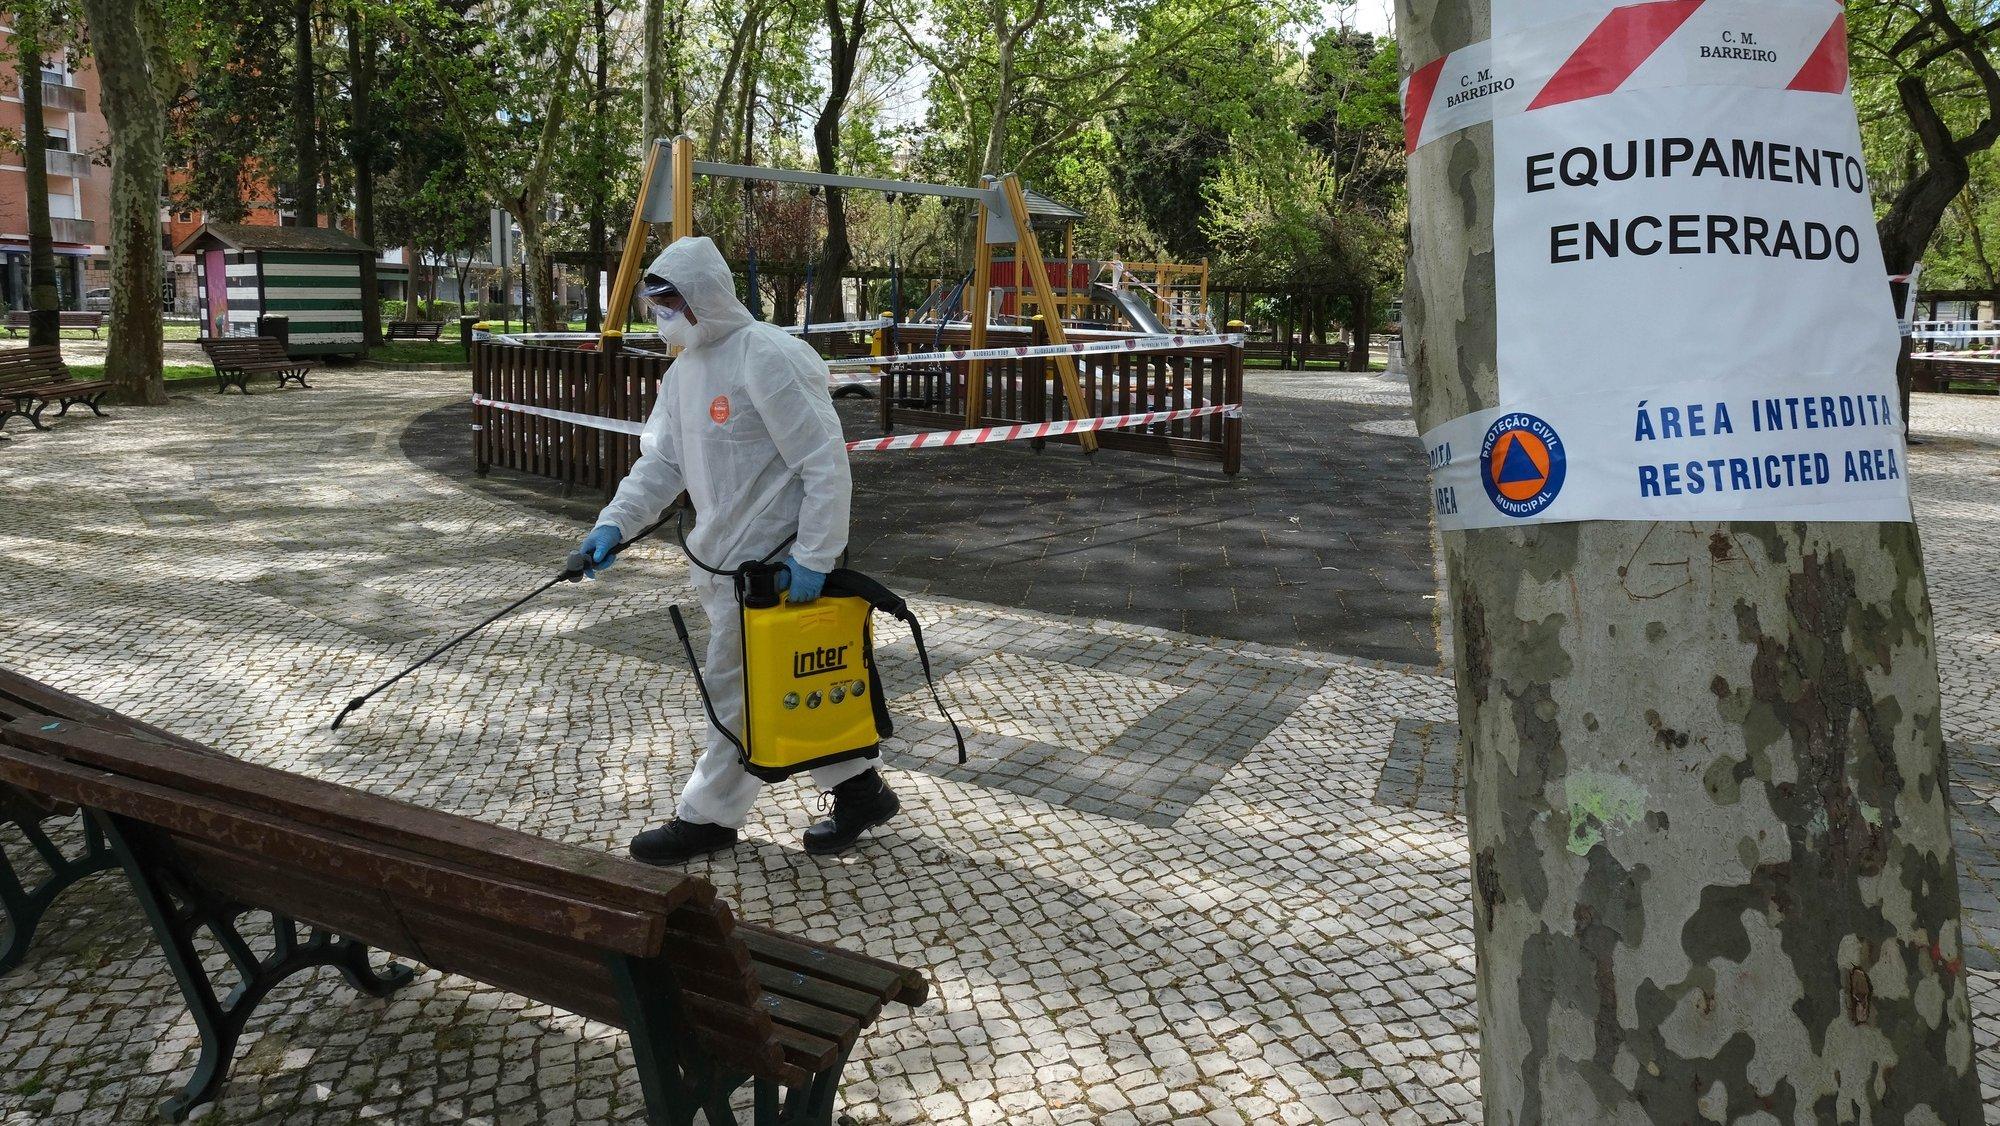 Ação de desinfeção das ruas e parques da cidade do Barreiro, 24 de março de 2020. Em Portugal há 30 mortes e 2.362 infeções confirmadas derivadas da pandemia do Covid-19, segundo o boletim de hoje da DGS. RUI MINDERICO/LUSA